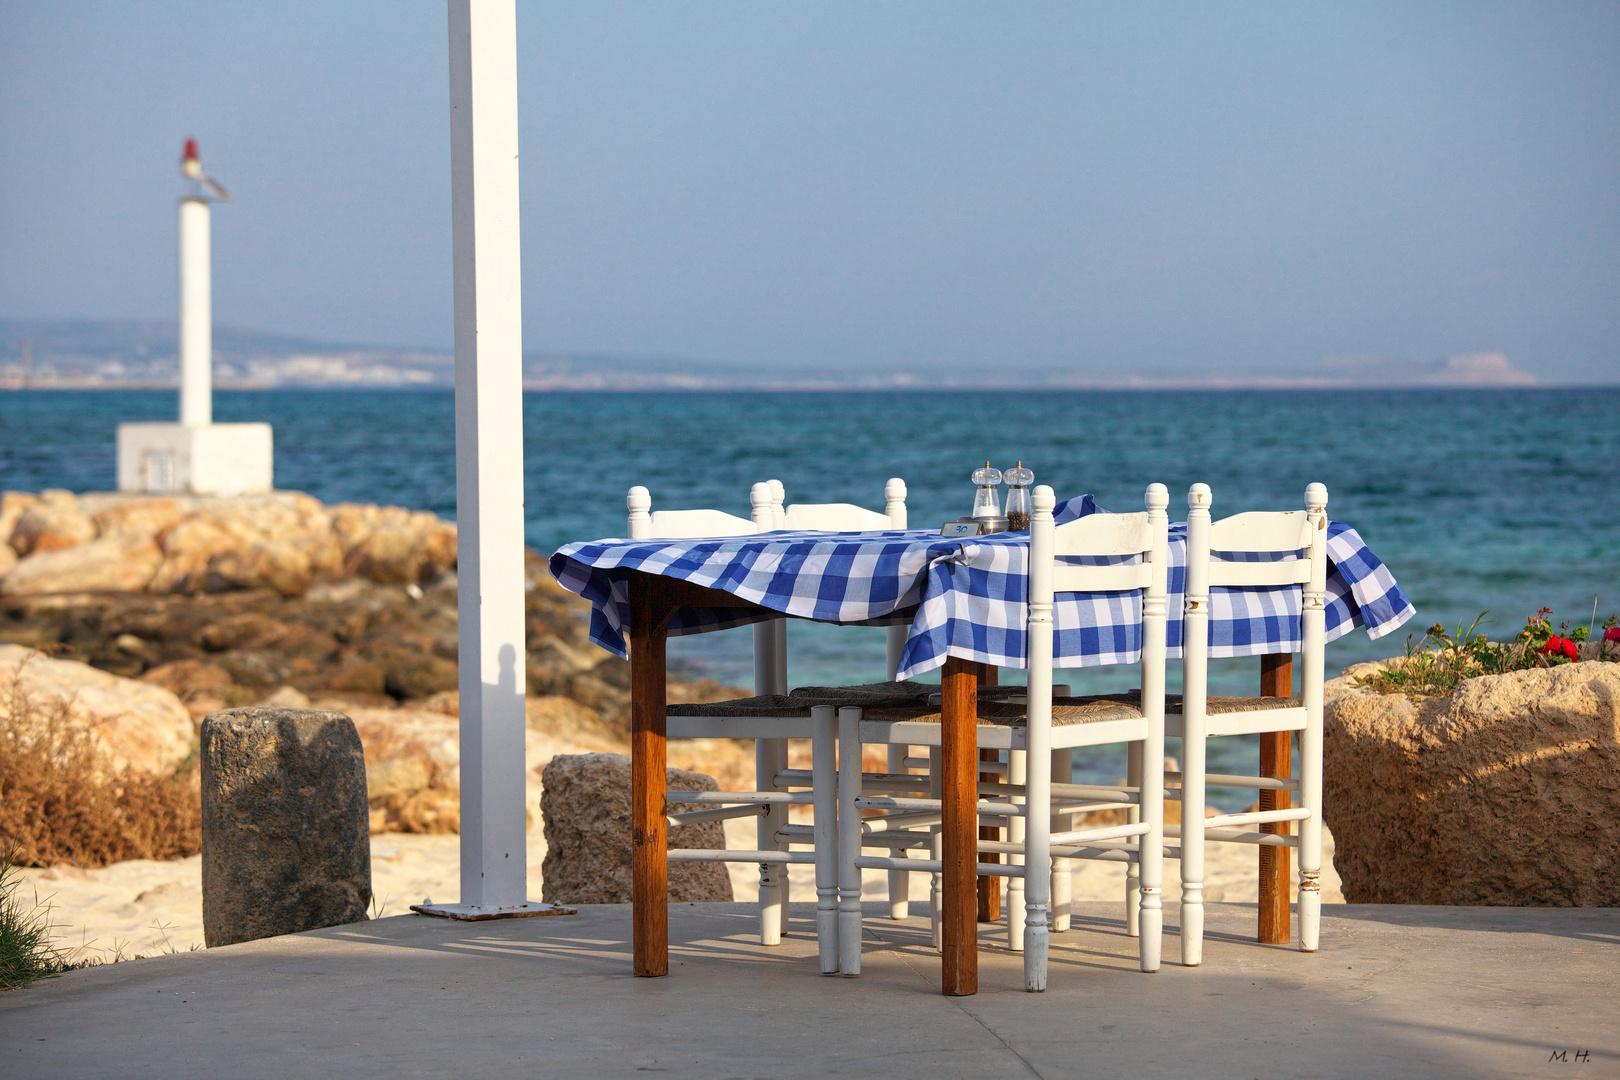 Zypriotisches Stilleben